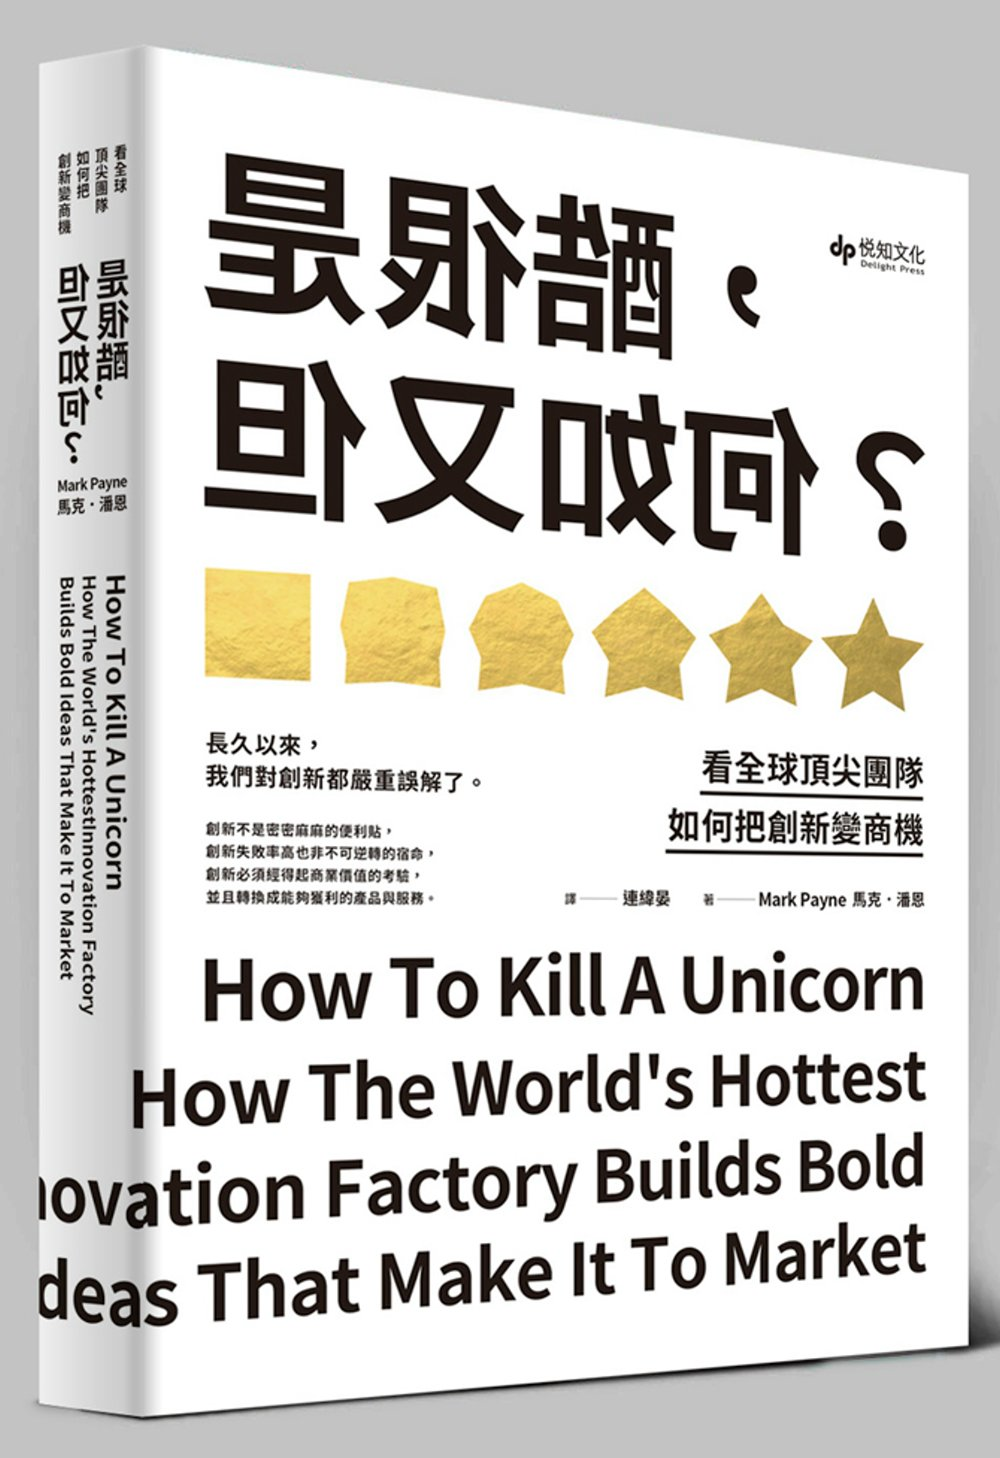 是很酷,但又如何?:看全球頂尖團隊如何把創新變商機